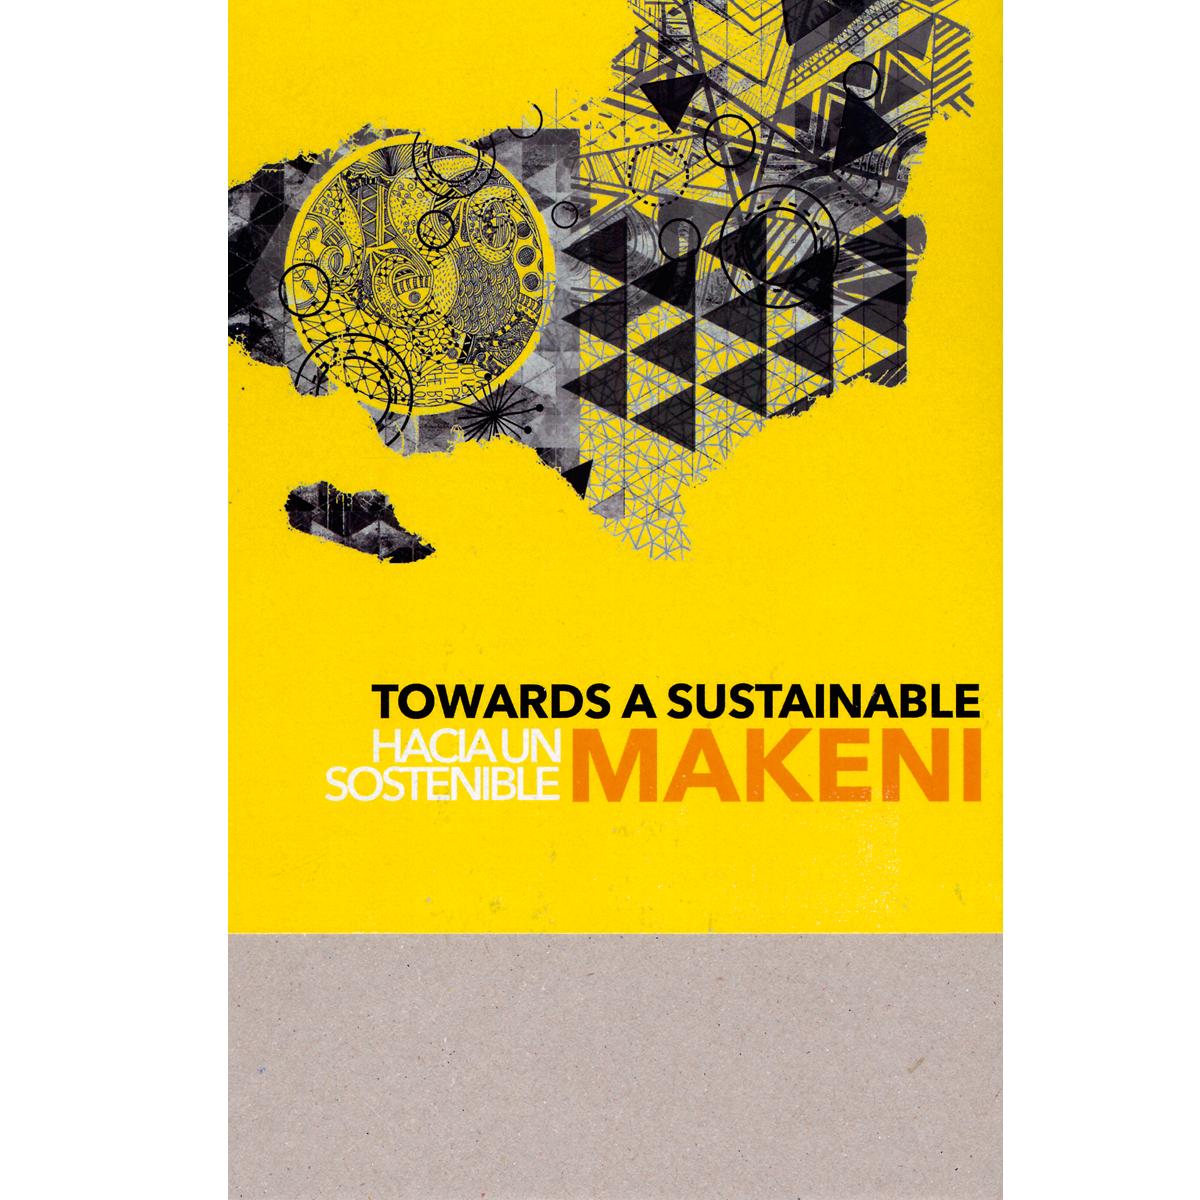 Towards a Sustainable Makeni